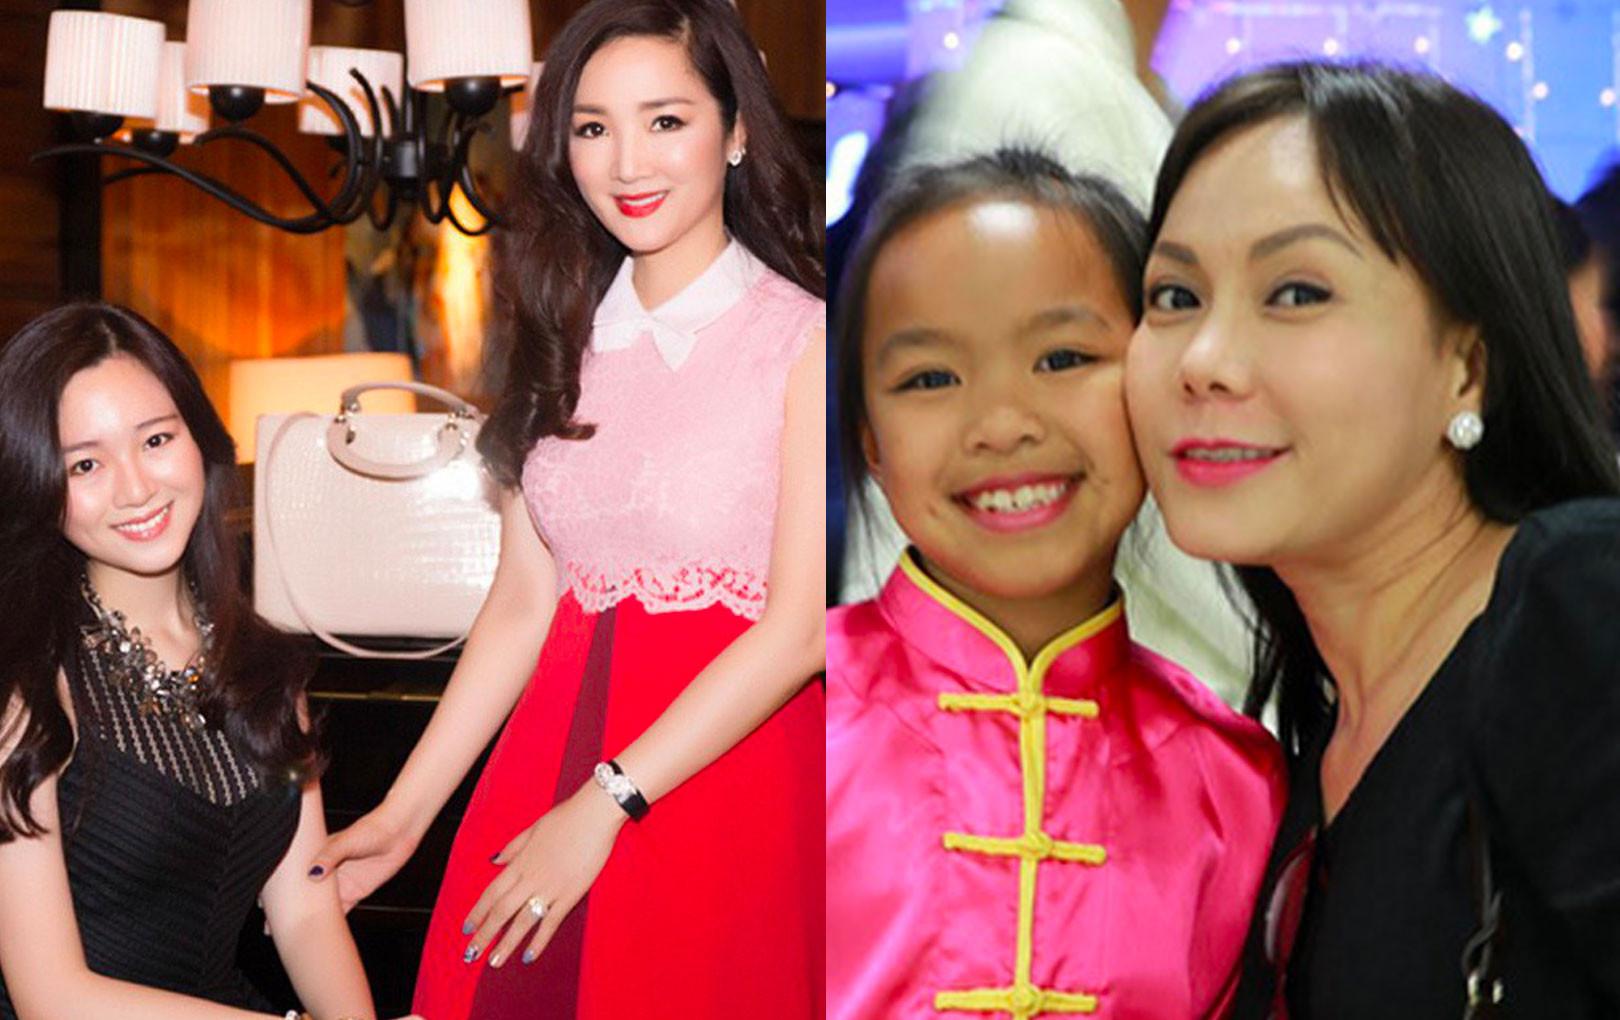 Thành tích học tập khủng con của sao Việt: Toàn du học sinh đẹp trai xinh gái, được nhận bằng khen của Tổng thống Obama